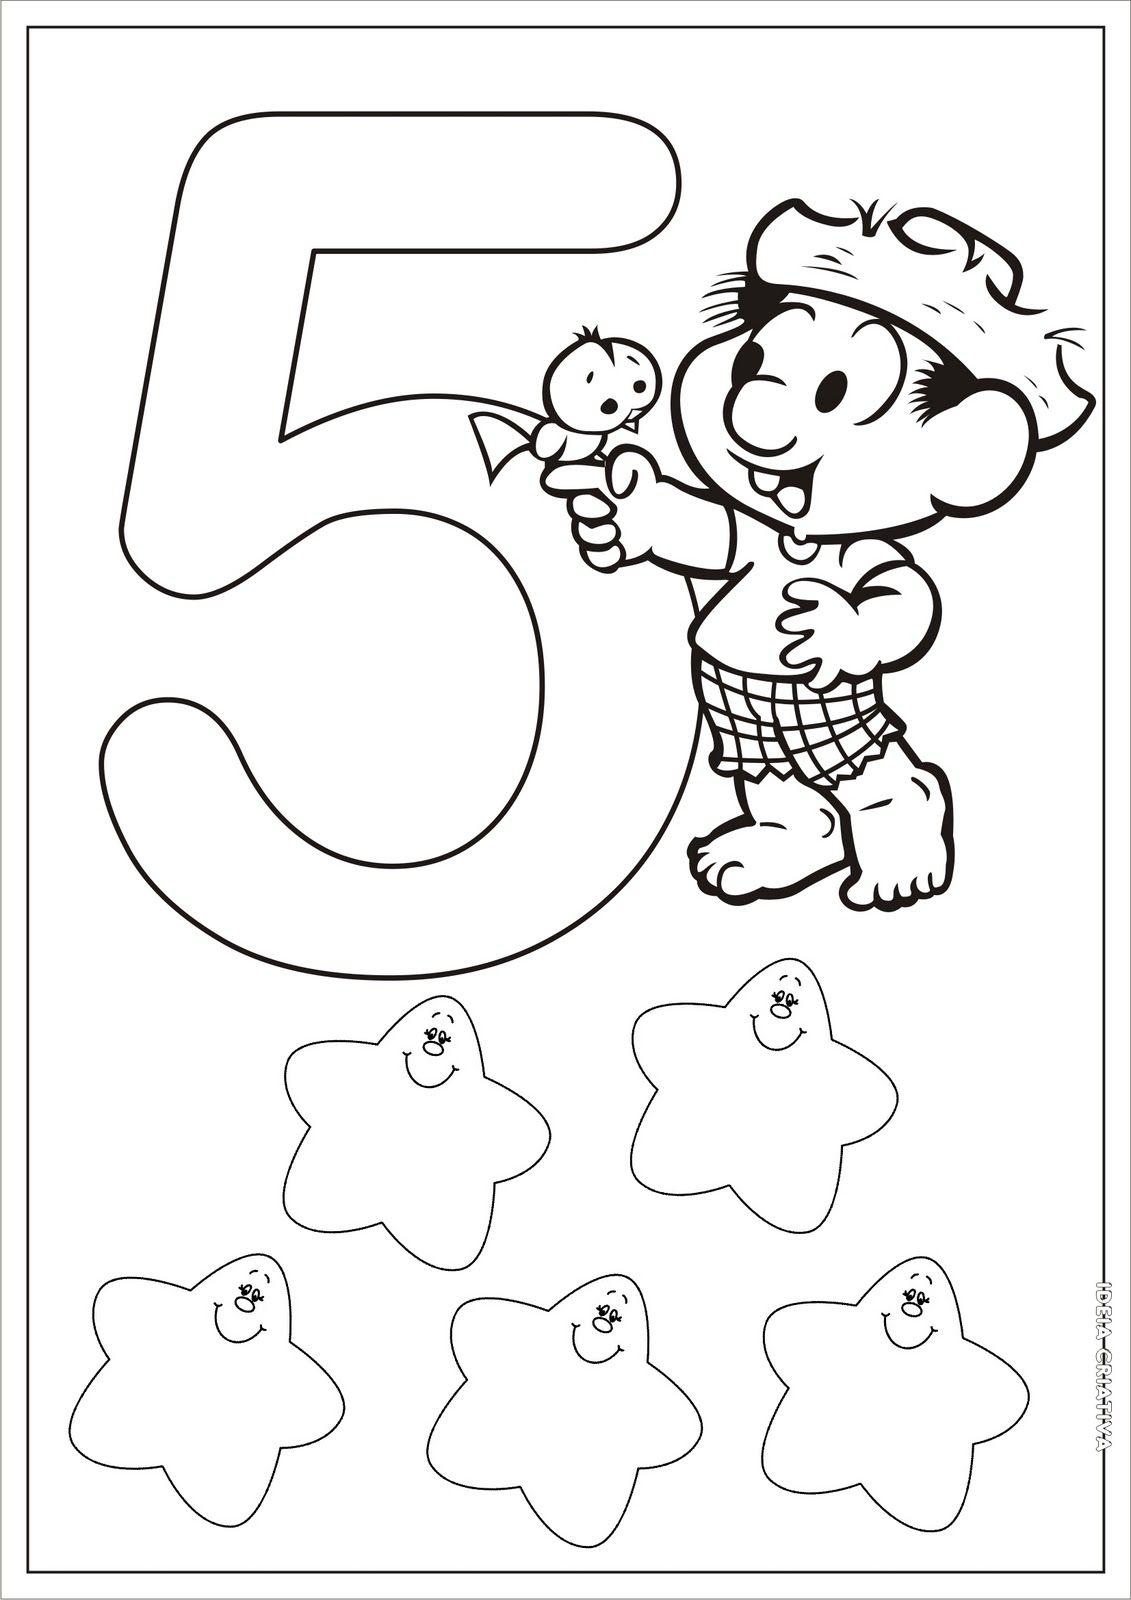 Famosos No Ideia Criativa você encontra sequência didática, planos de aula  UG34